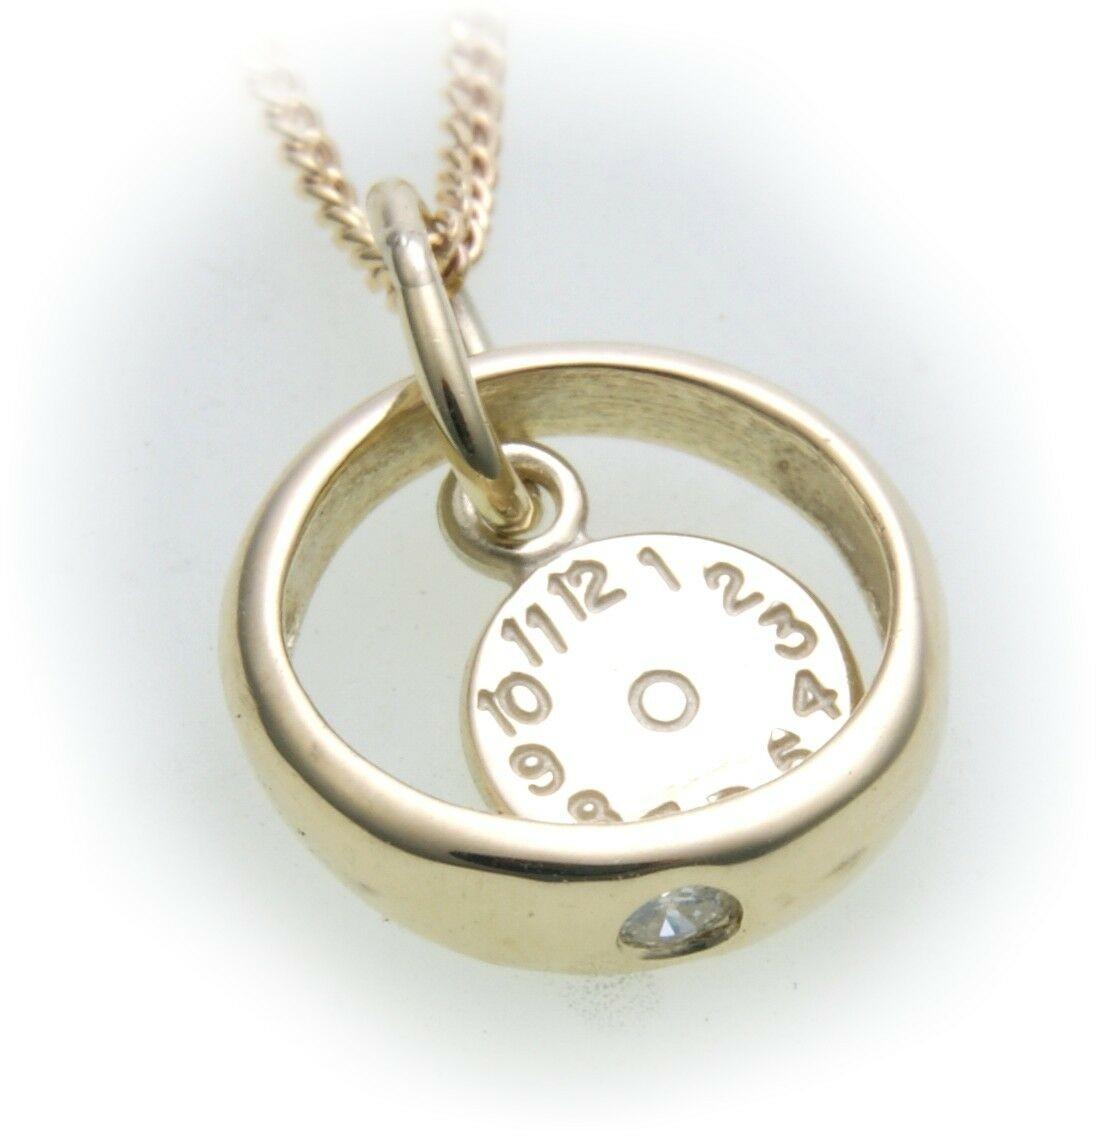 Taufring mit Uhr Zirkonia echt 333 Gold poliert ohne Kette 8kt Taufe Qualität